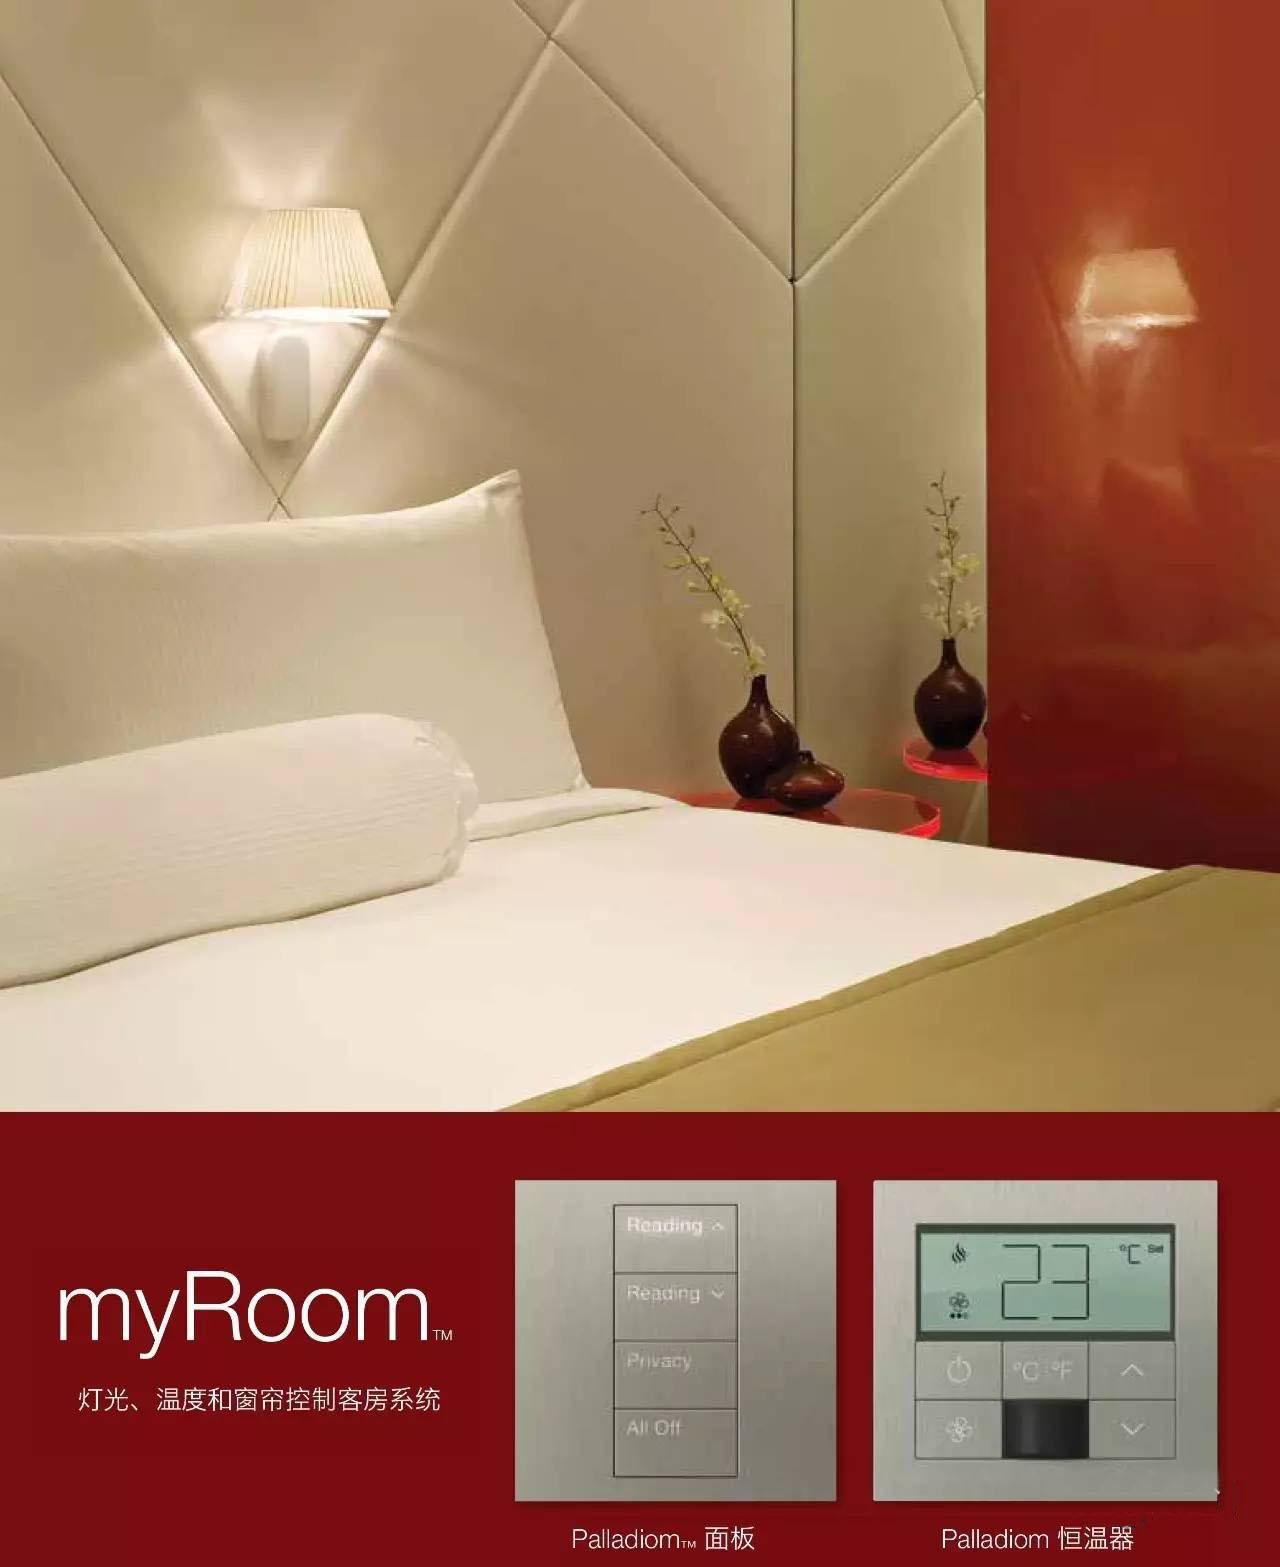 路创 myRoom 酒店客房控制系统